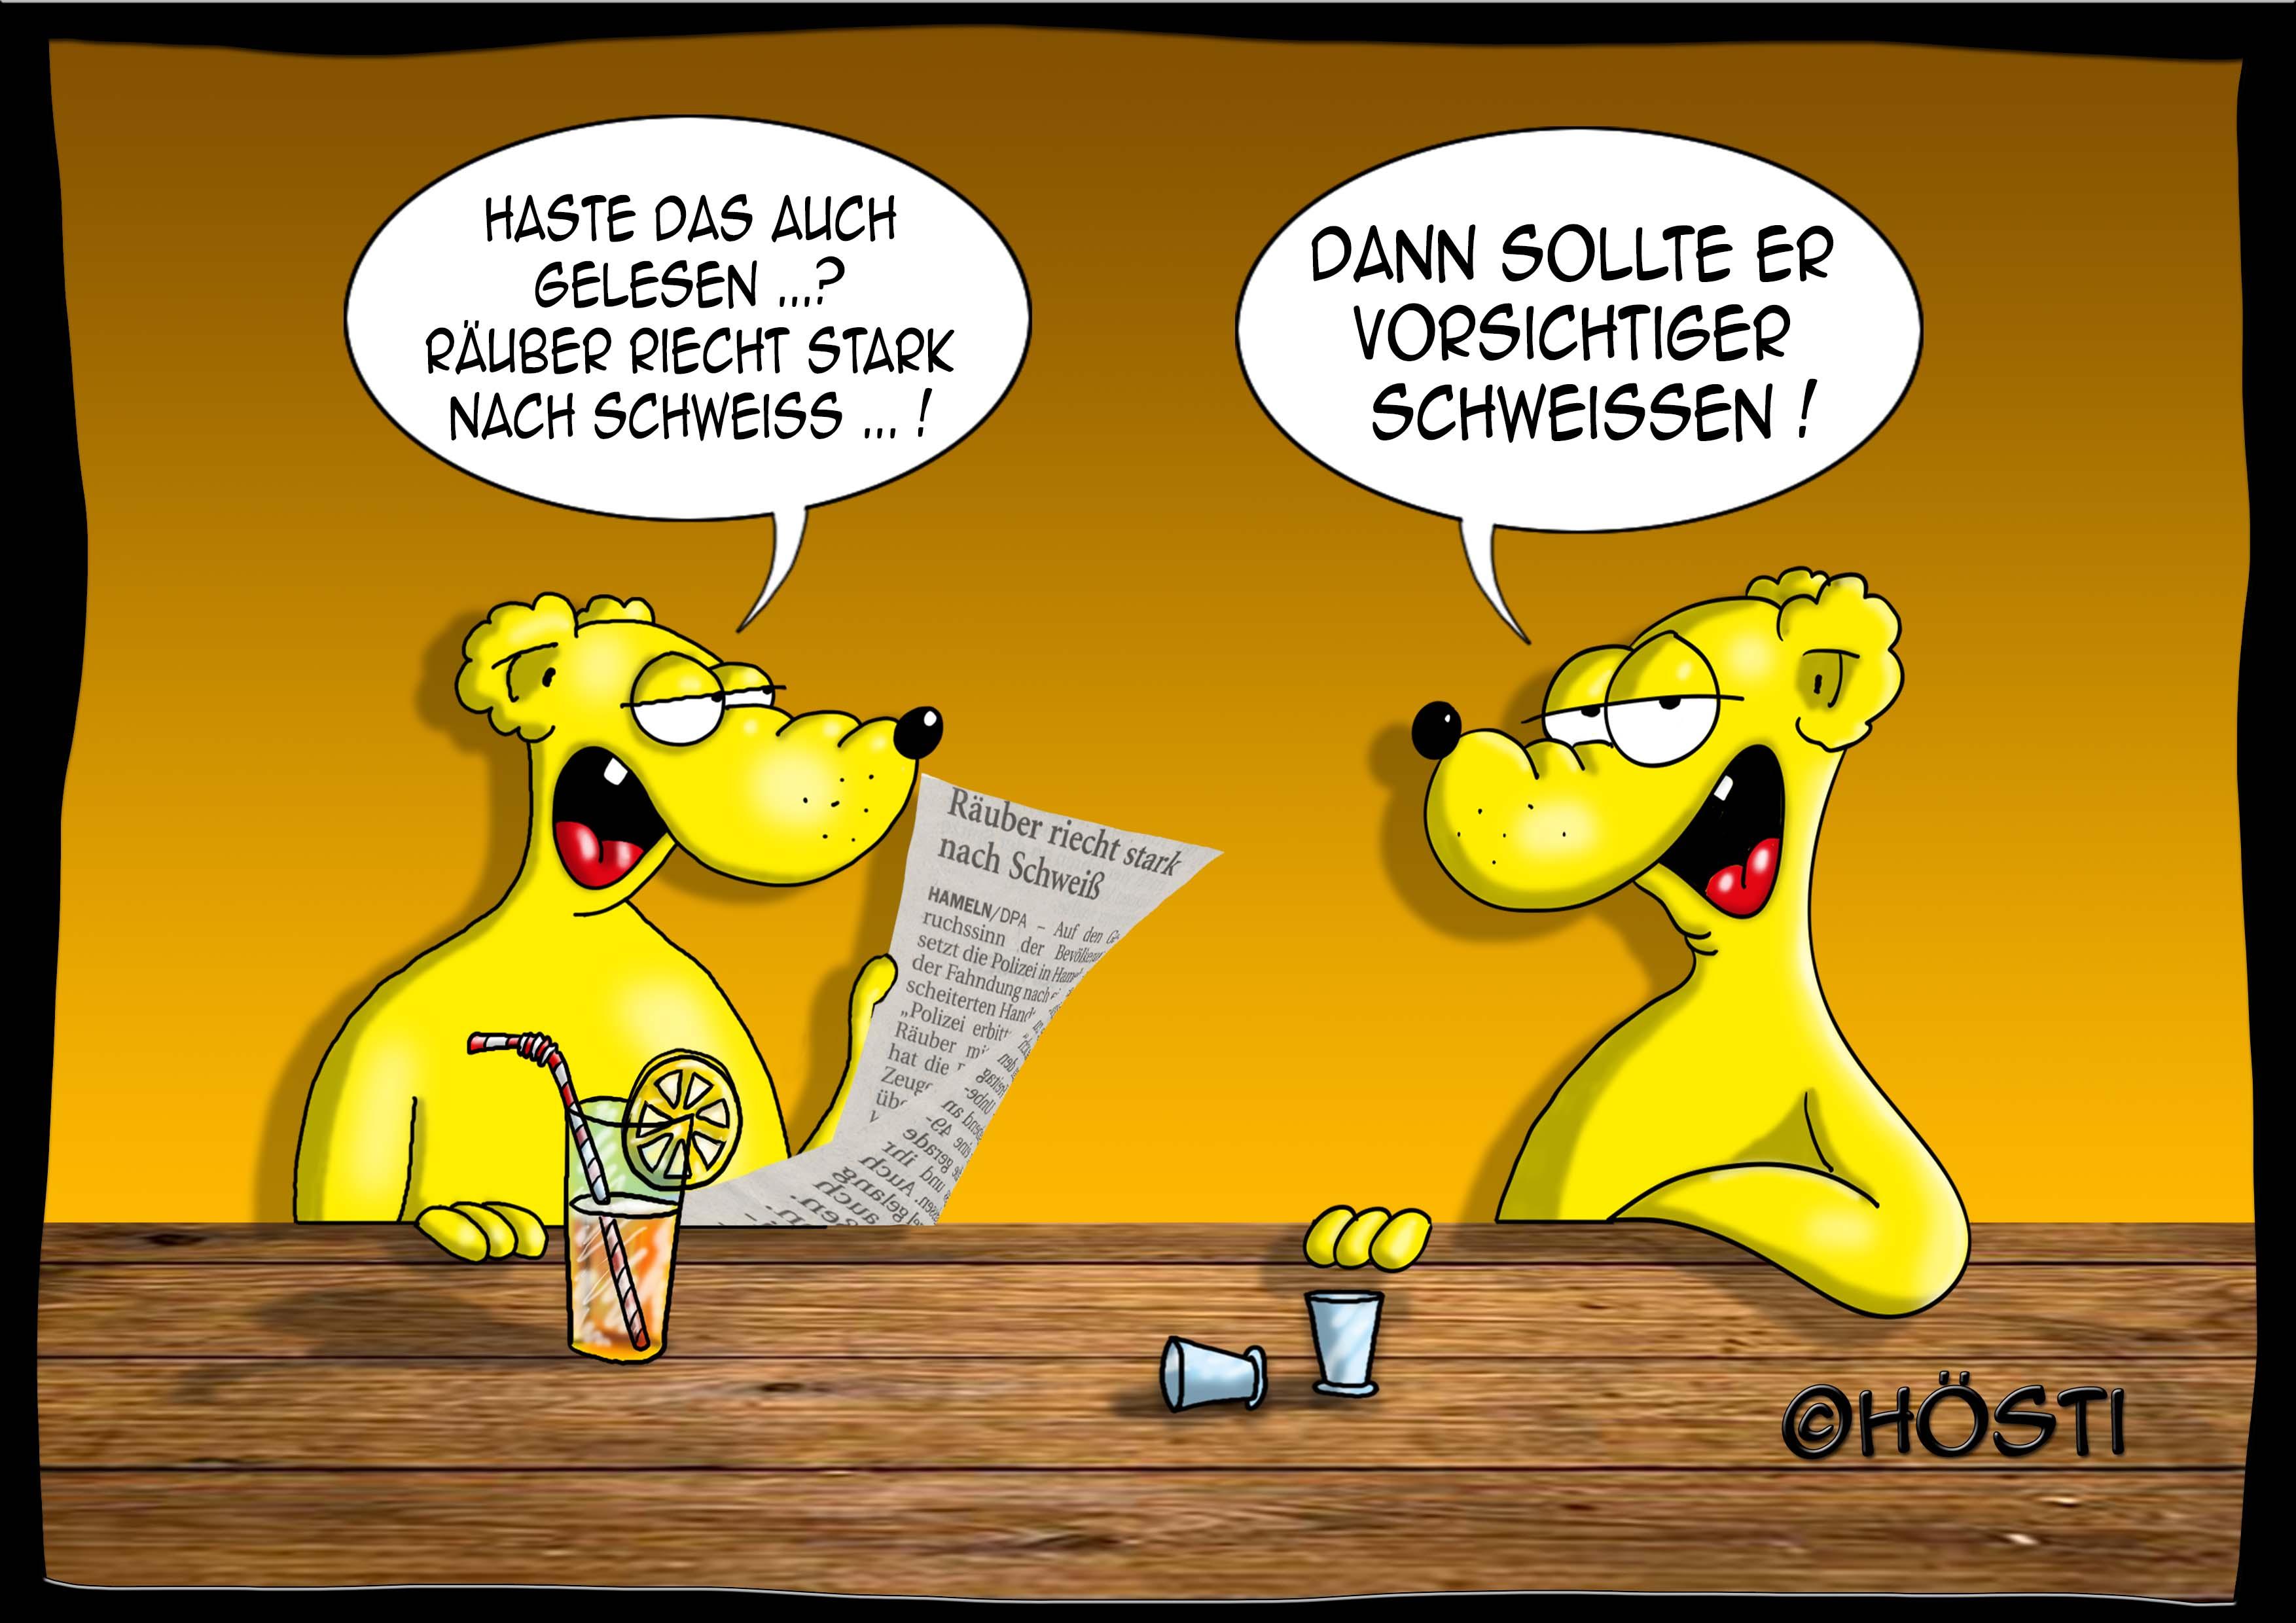 HB-schweissen